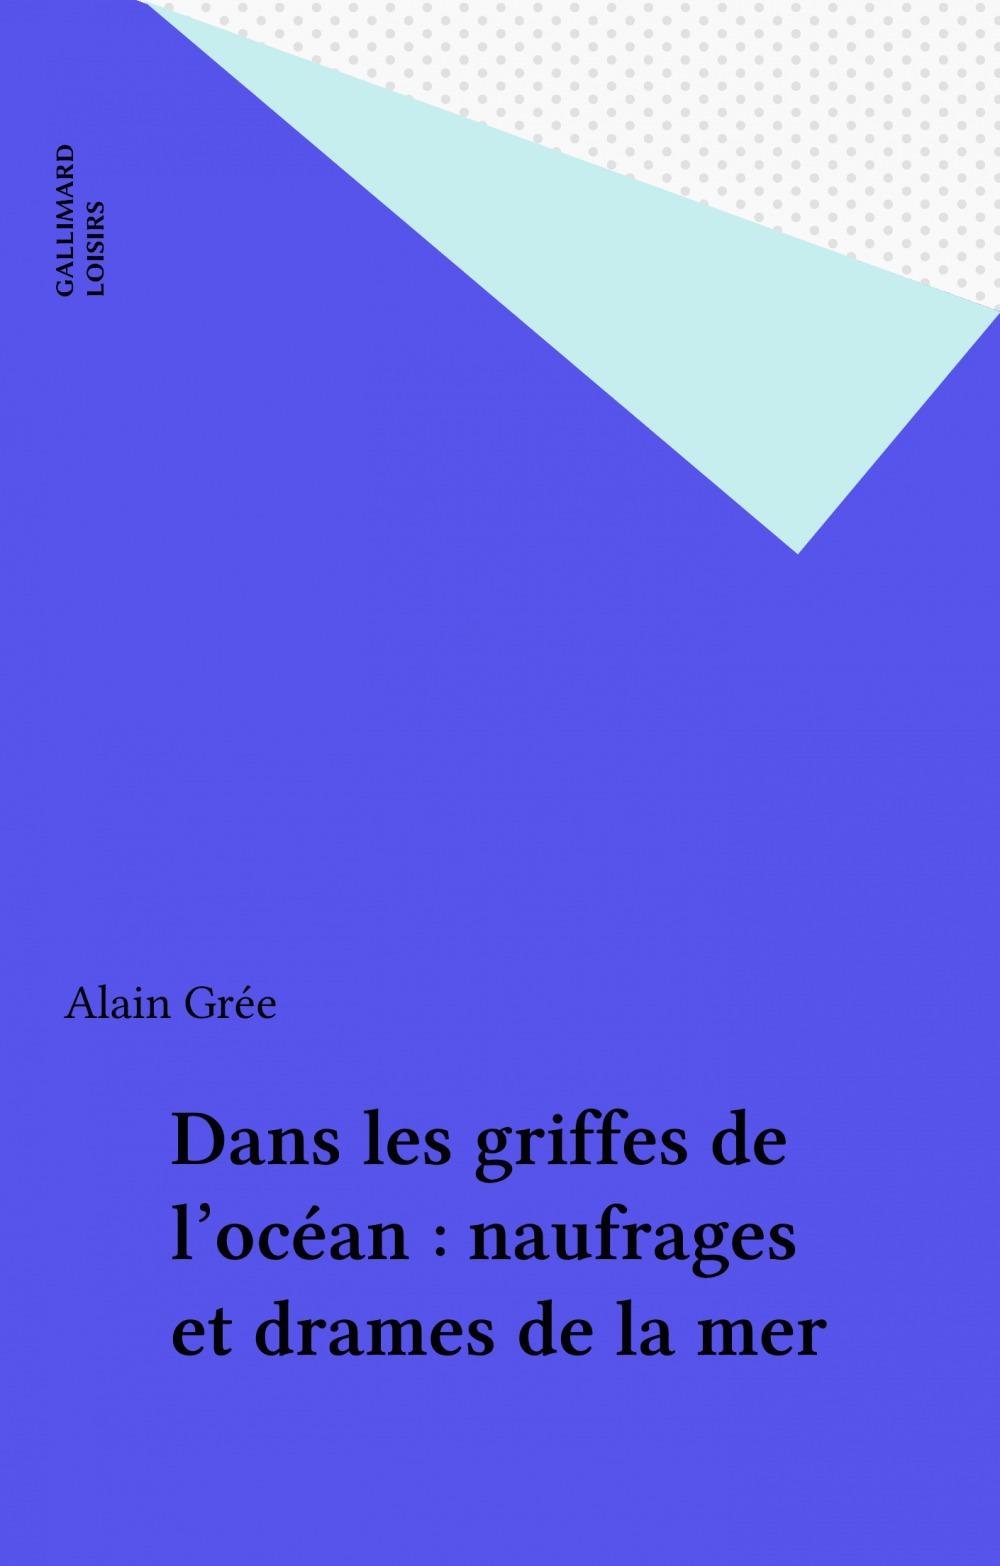 Dans les griffes de l'océan : naufrages et drames de la mer